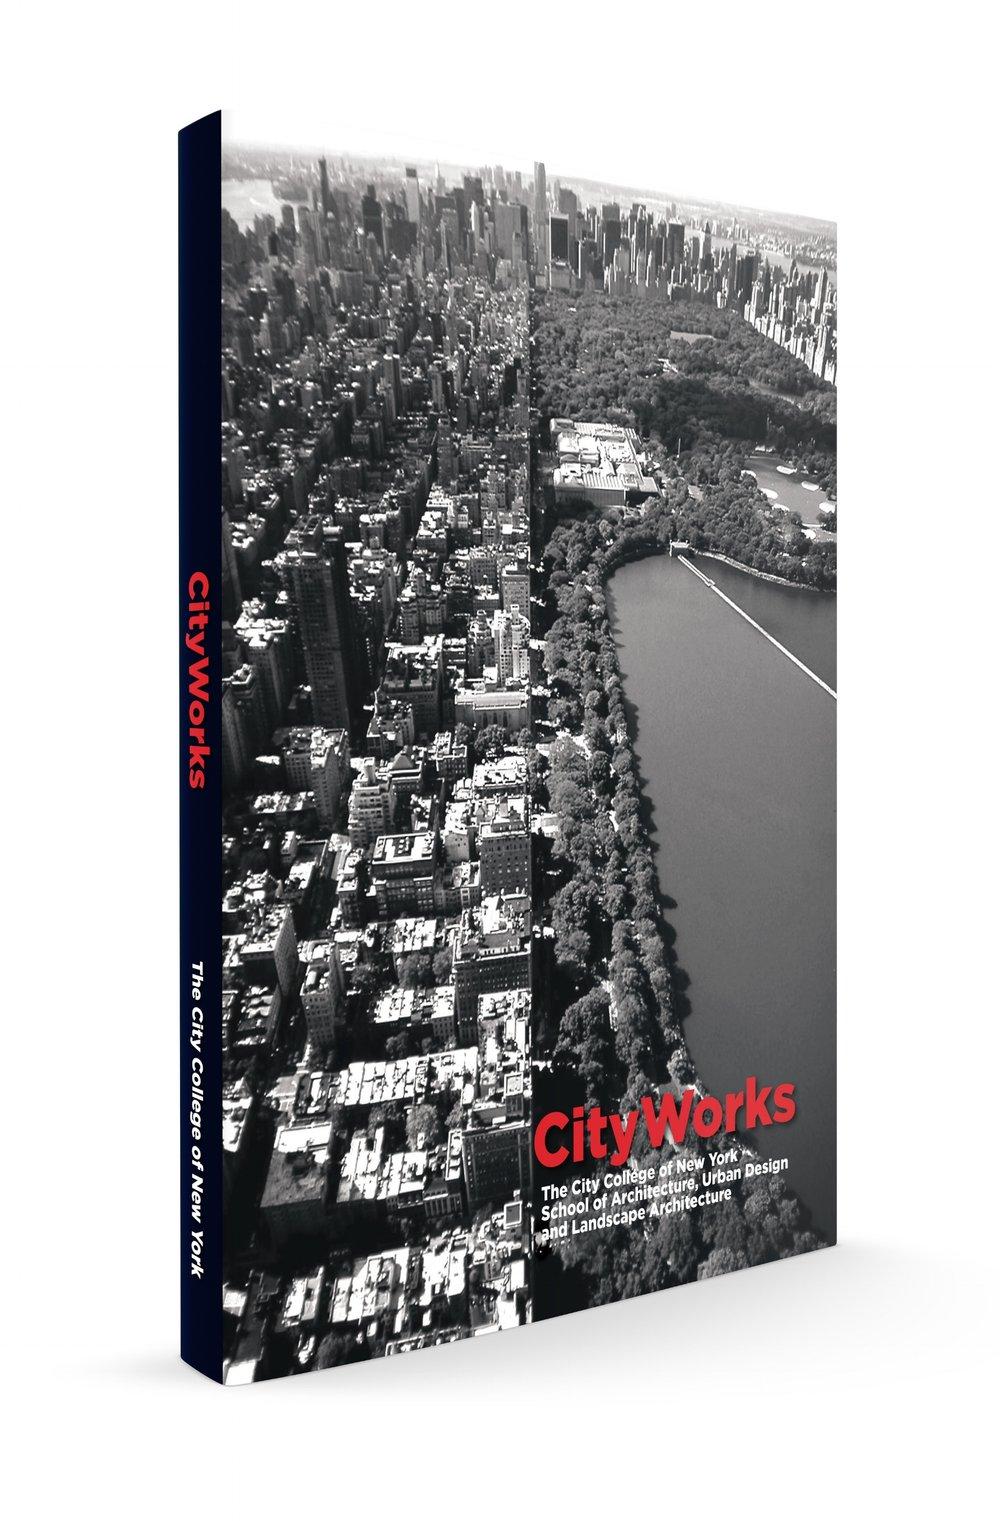 CityWorks Cover pback18.jpg